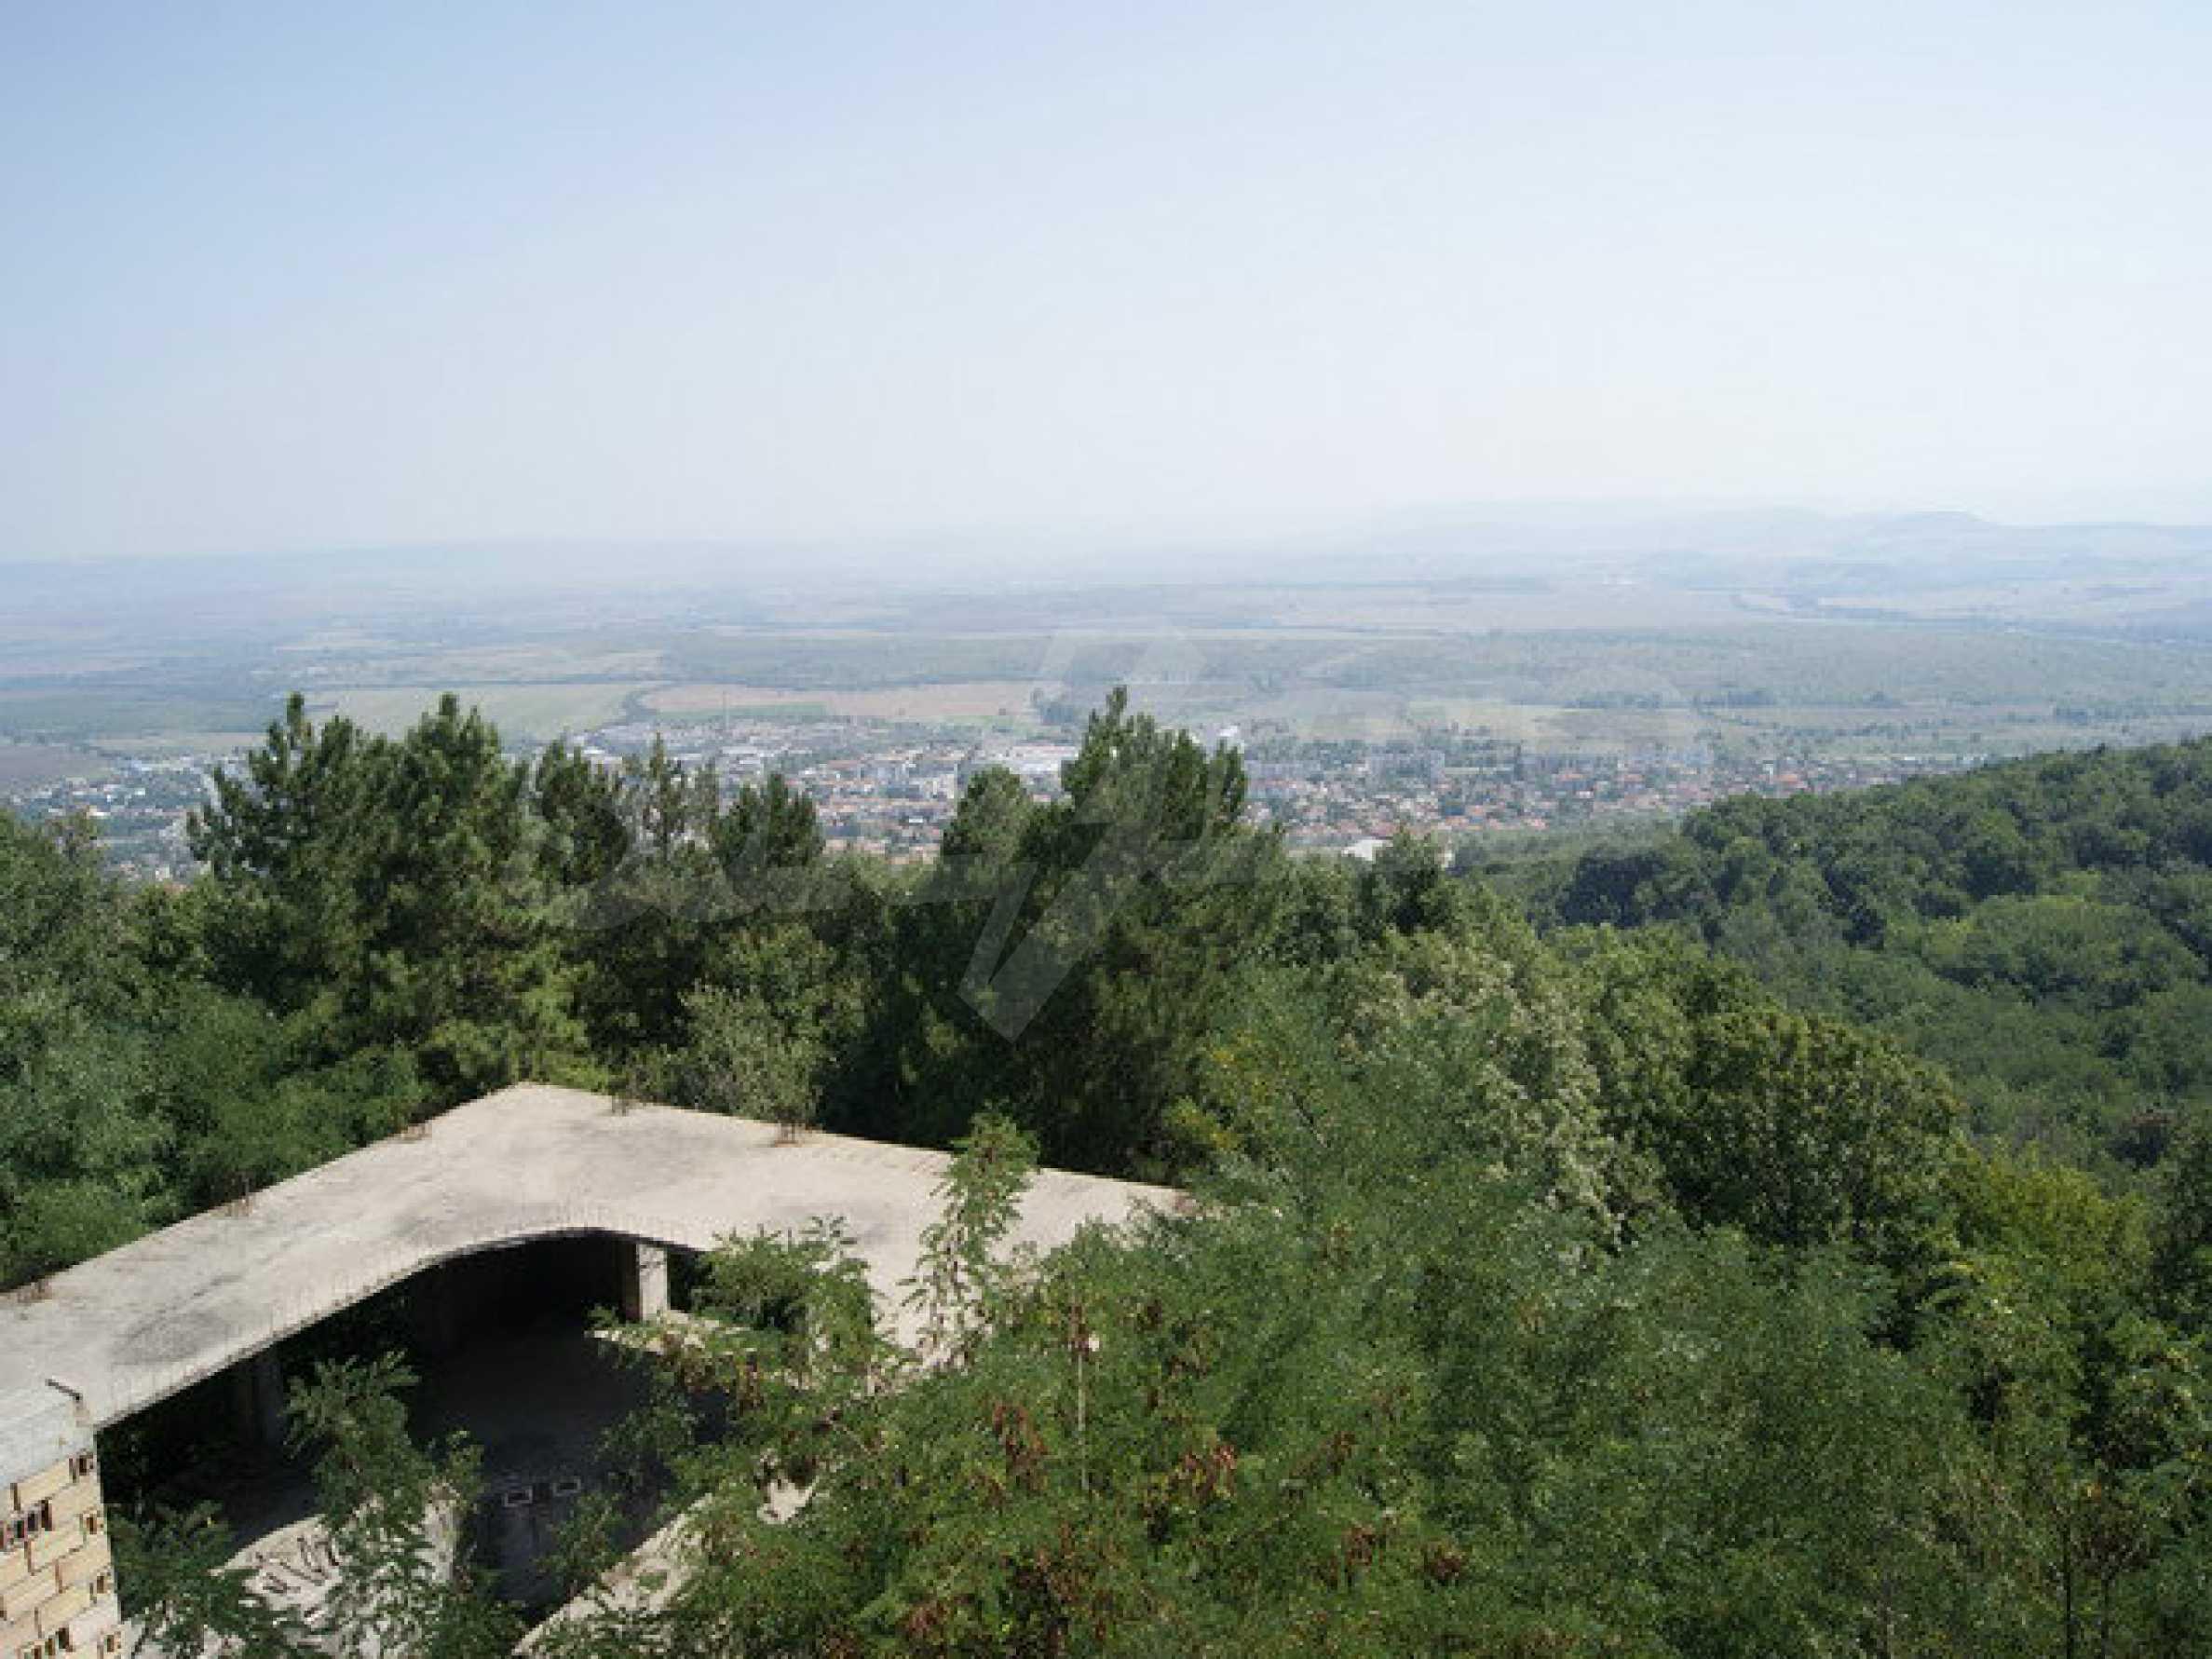 Raues Bauhotel mit herrlicher Aussicht in der Nähe von Veliko Tarnovo 34